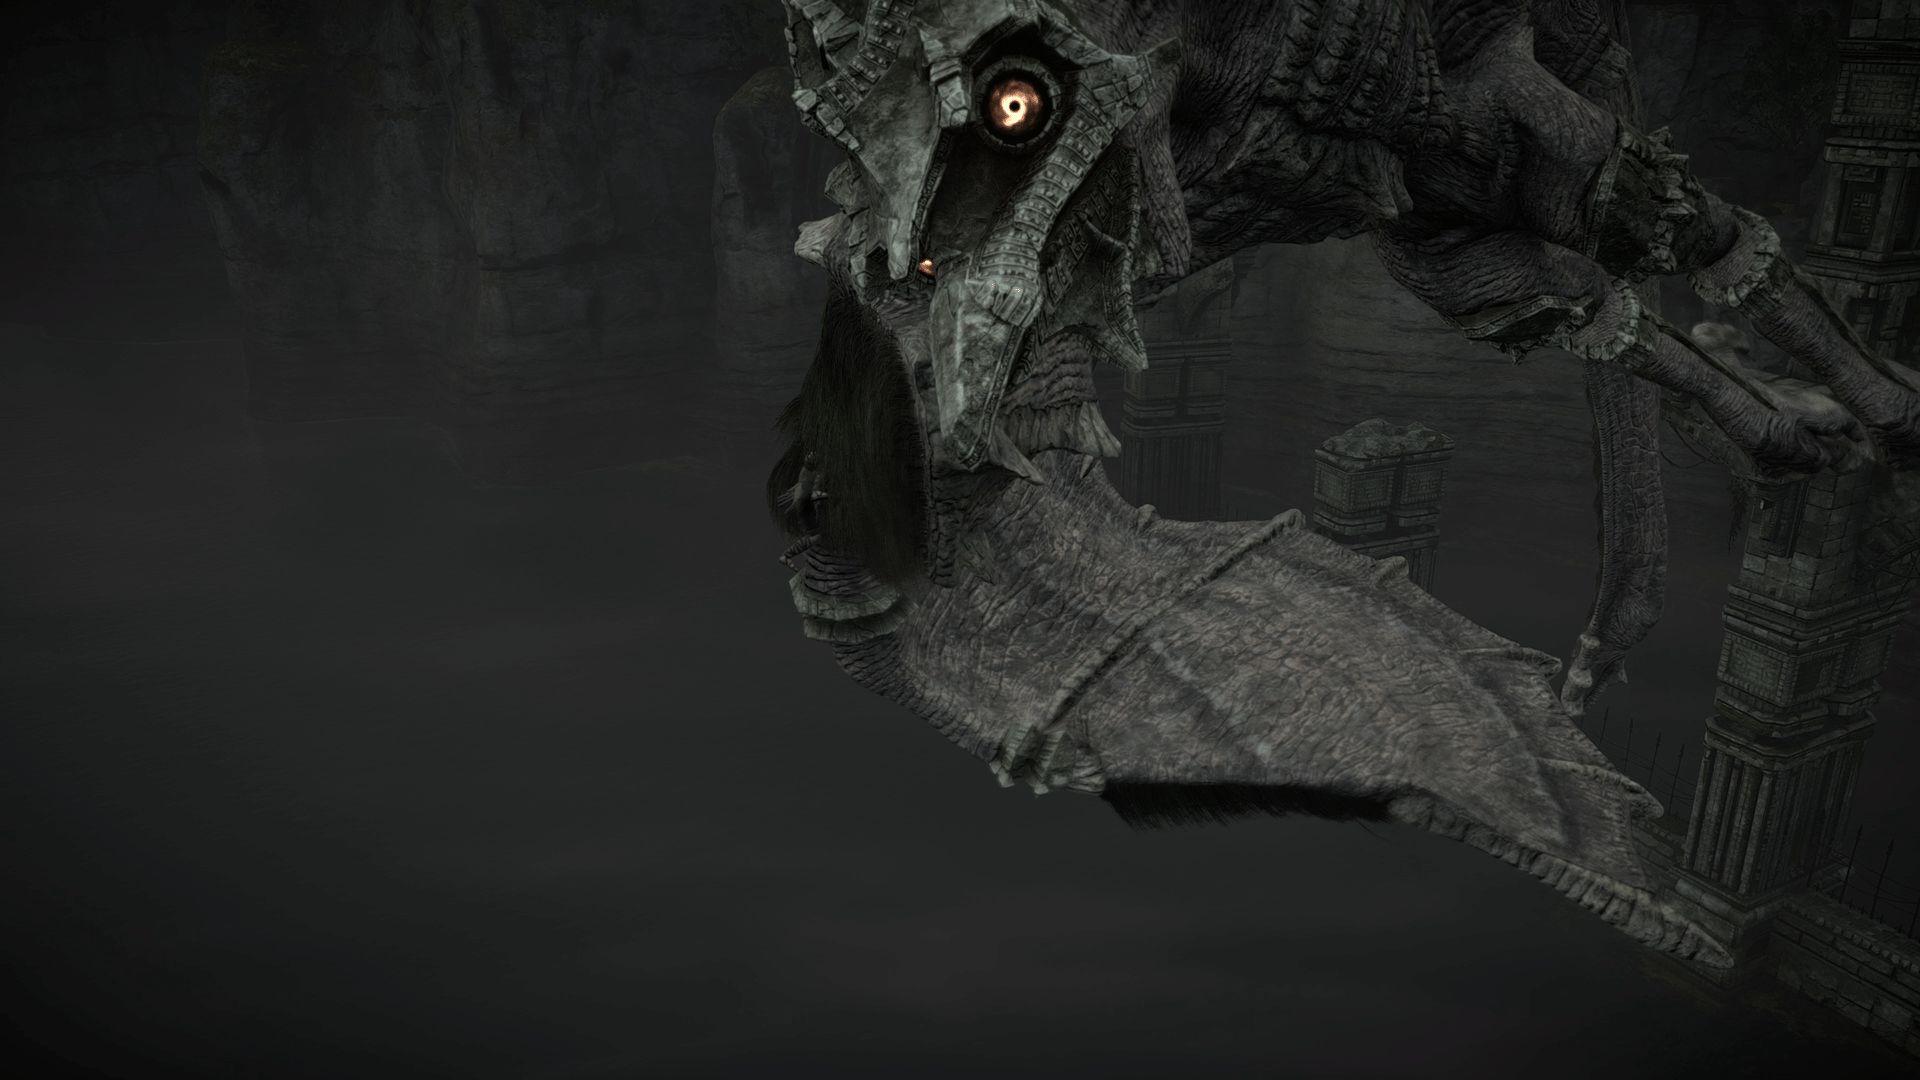 DZXs2REXkENO8 - 【画像】 「ワンダと巨像」がPS4でリメイク!スクリーンショットと動画を公開!つまらなそう!